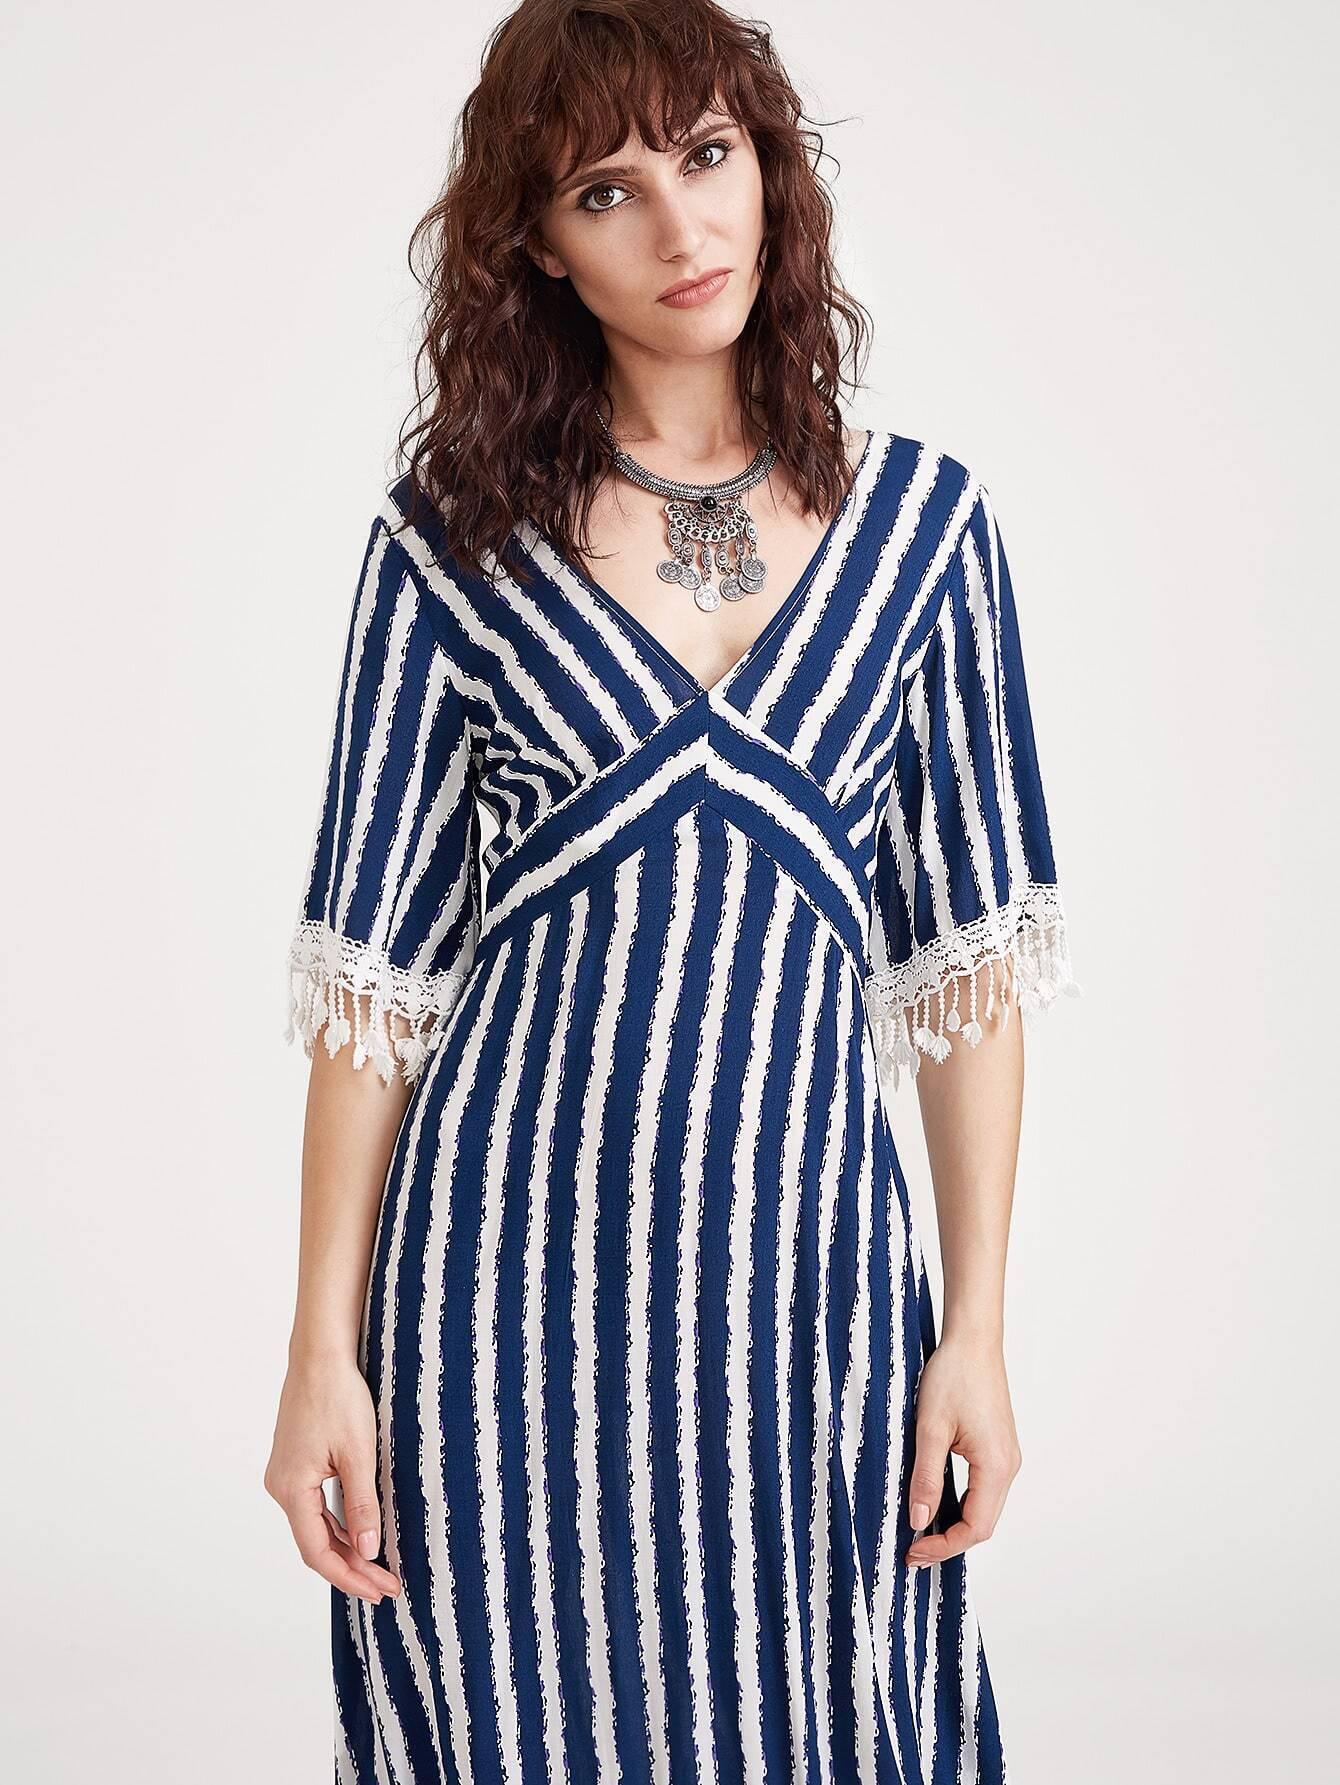 dress170302450_2